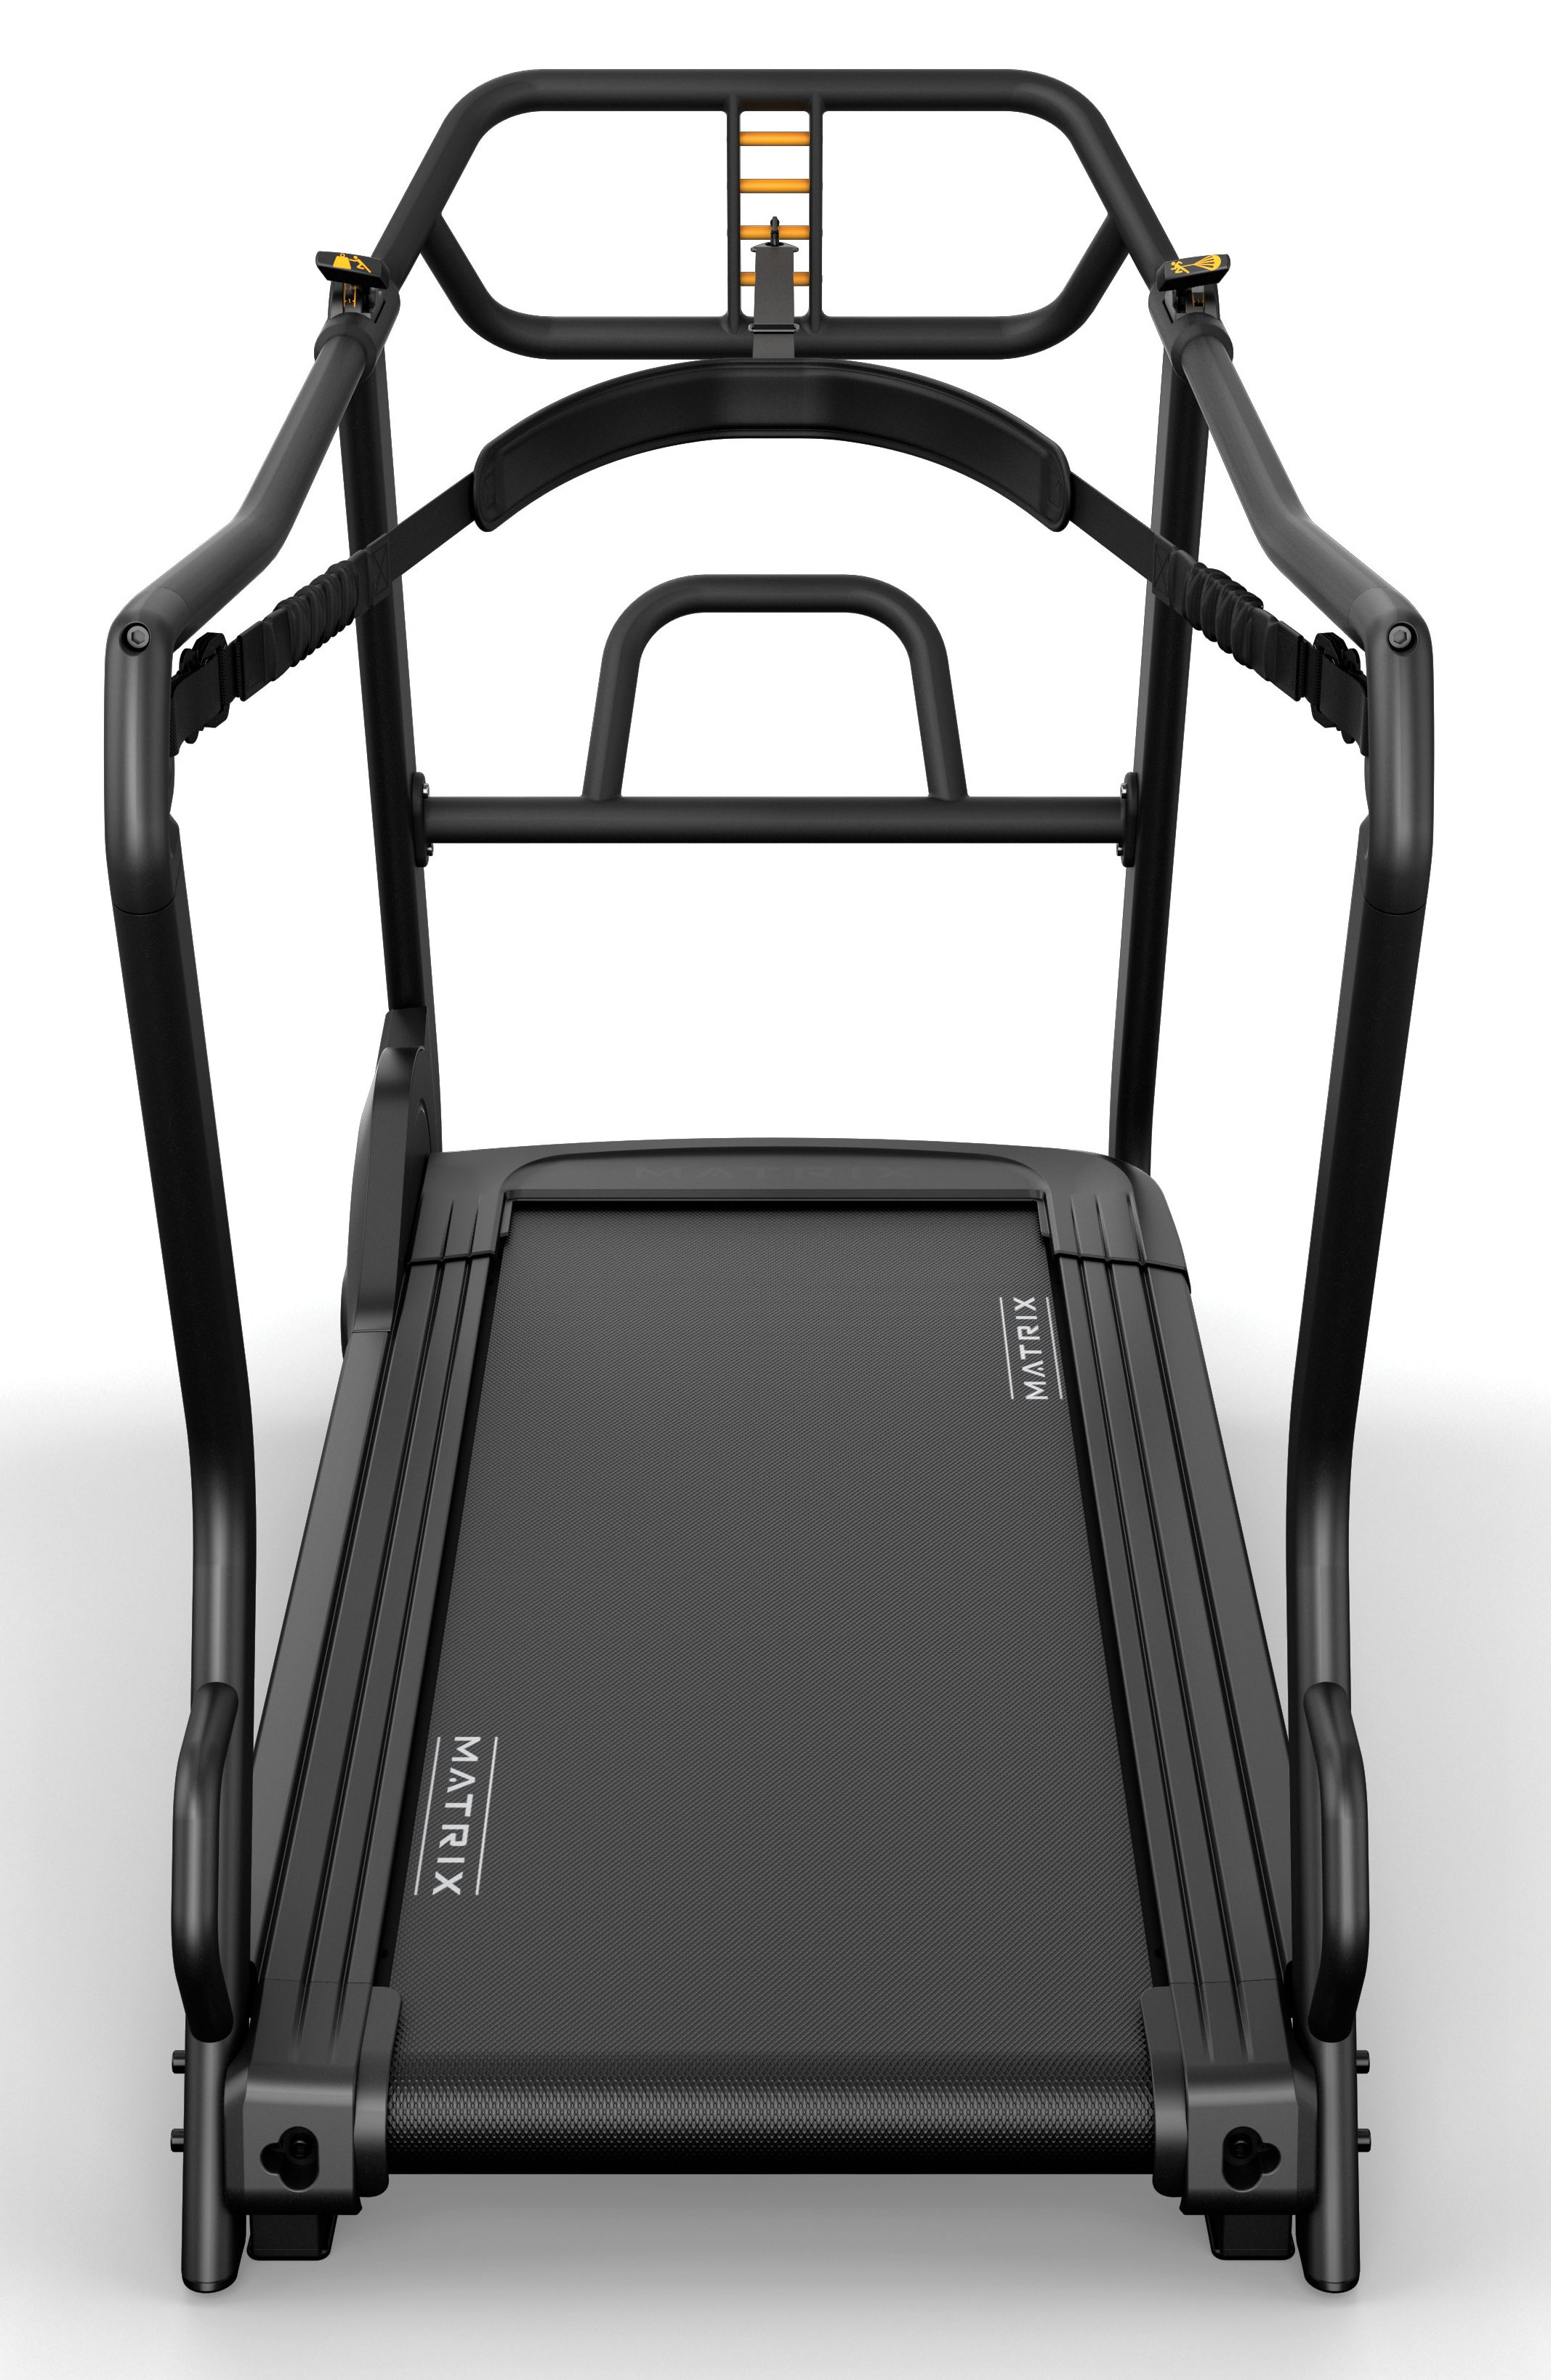 Беговые дорожки для функционального тренинга: Беговая дорожка Matrix S-Drive Performance Trainer